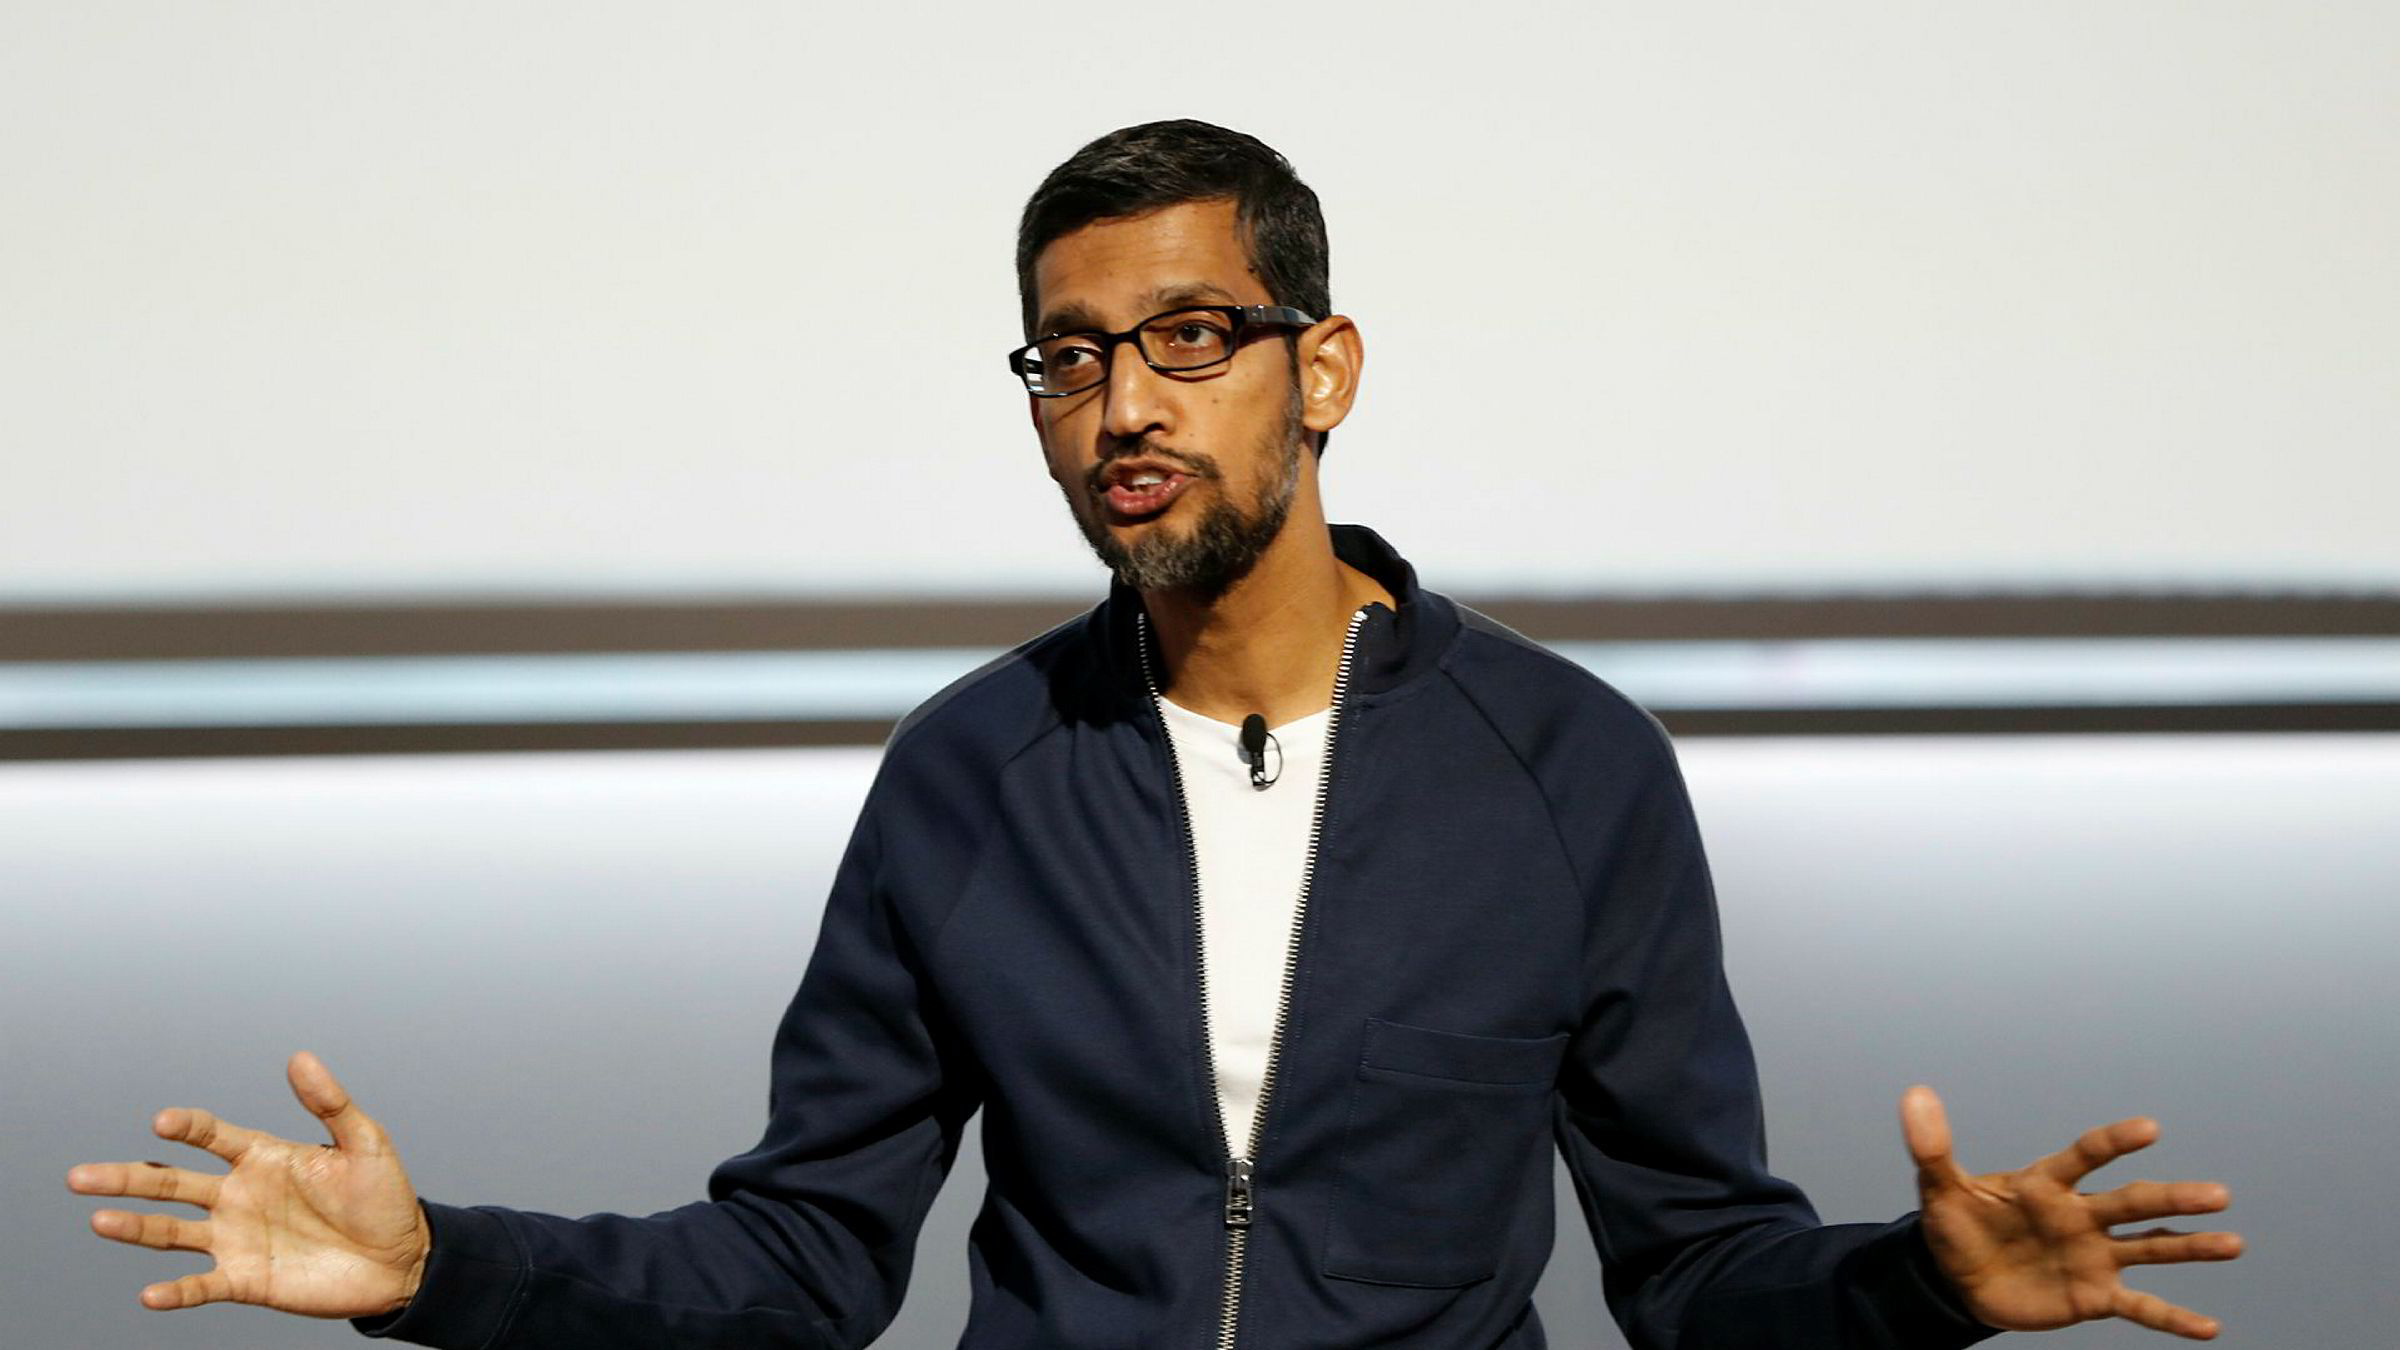 Google - toppsjef Sundar Pichai snakker her under en lansering i San Francisco, 4. oktober. Selskapet sier nå de har funnet tegn på russisk innblanding i det amerikanske presidentvalget.